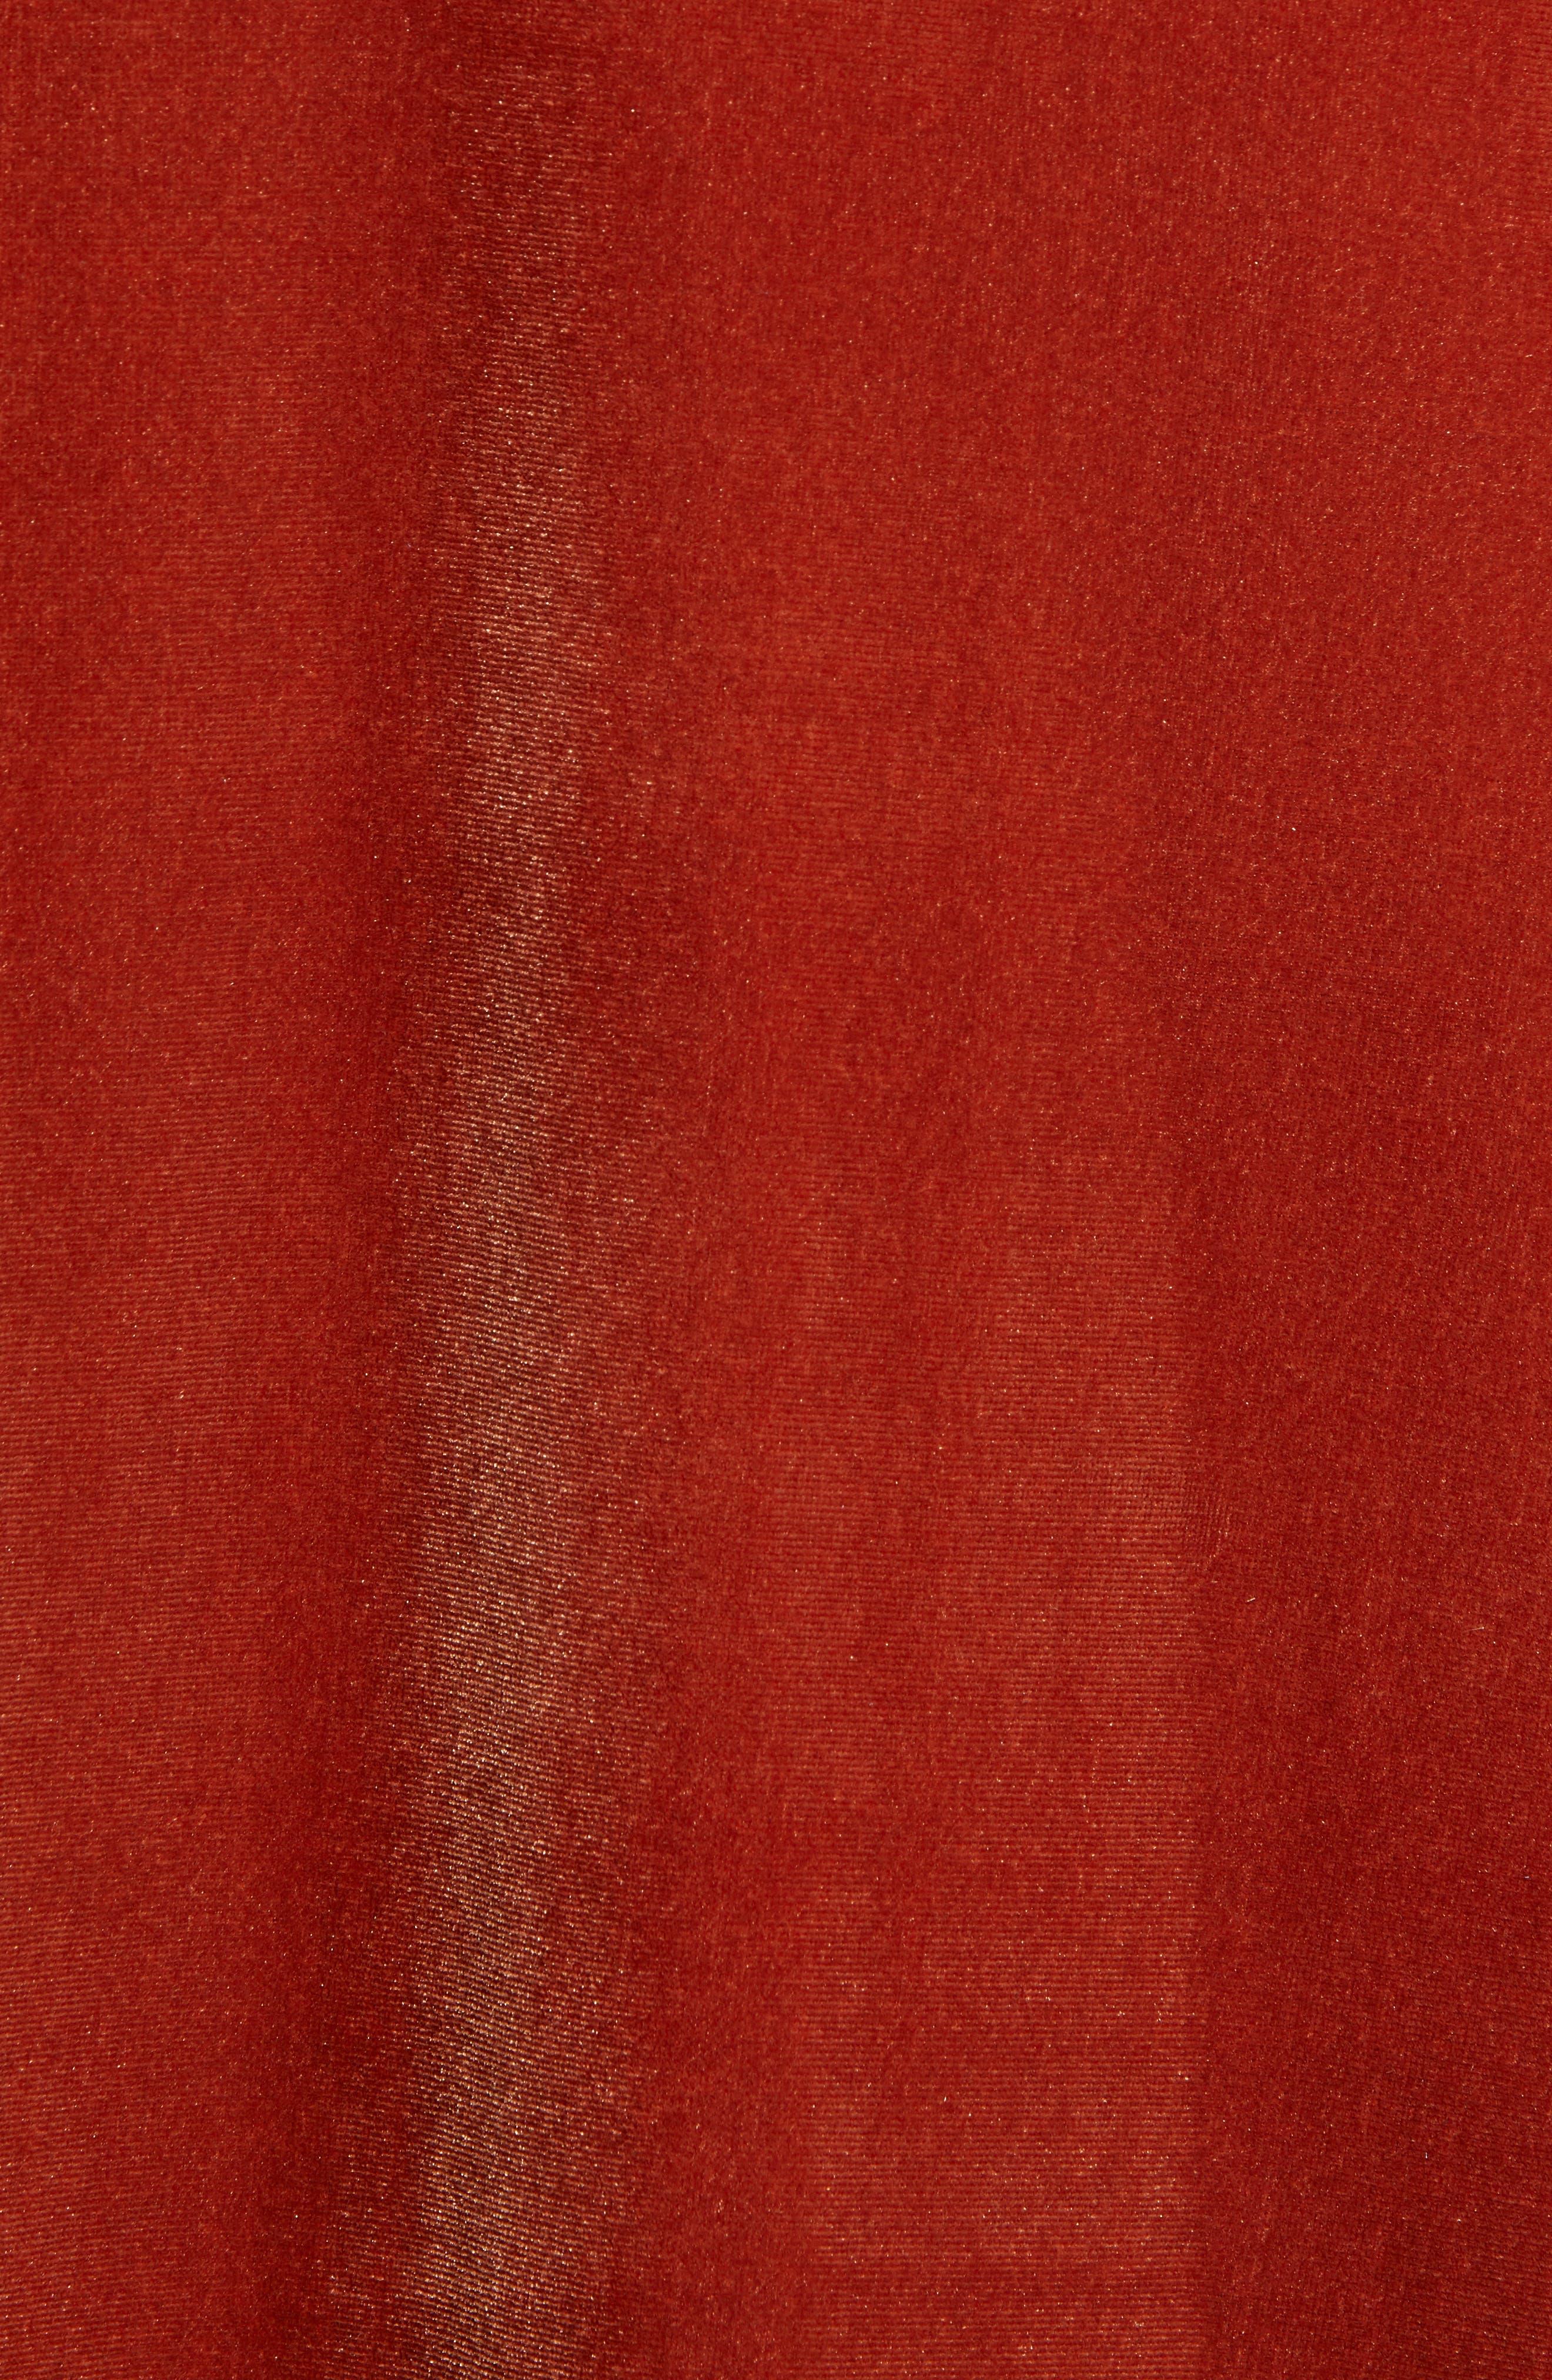 Ruffle Midi Dress,                             Alternate thumbnail 6, color,                             205